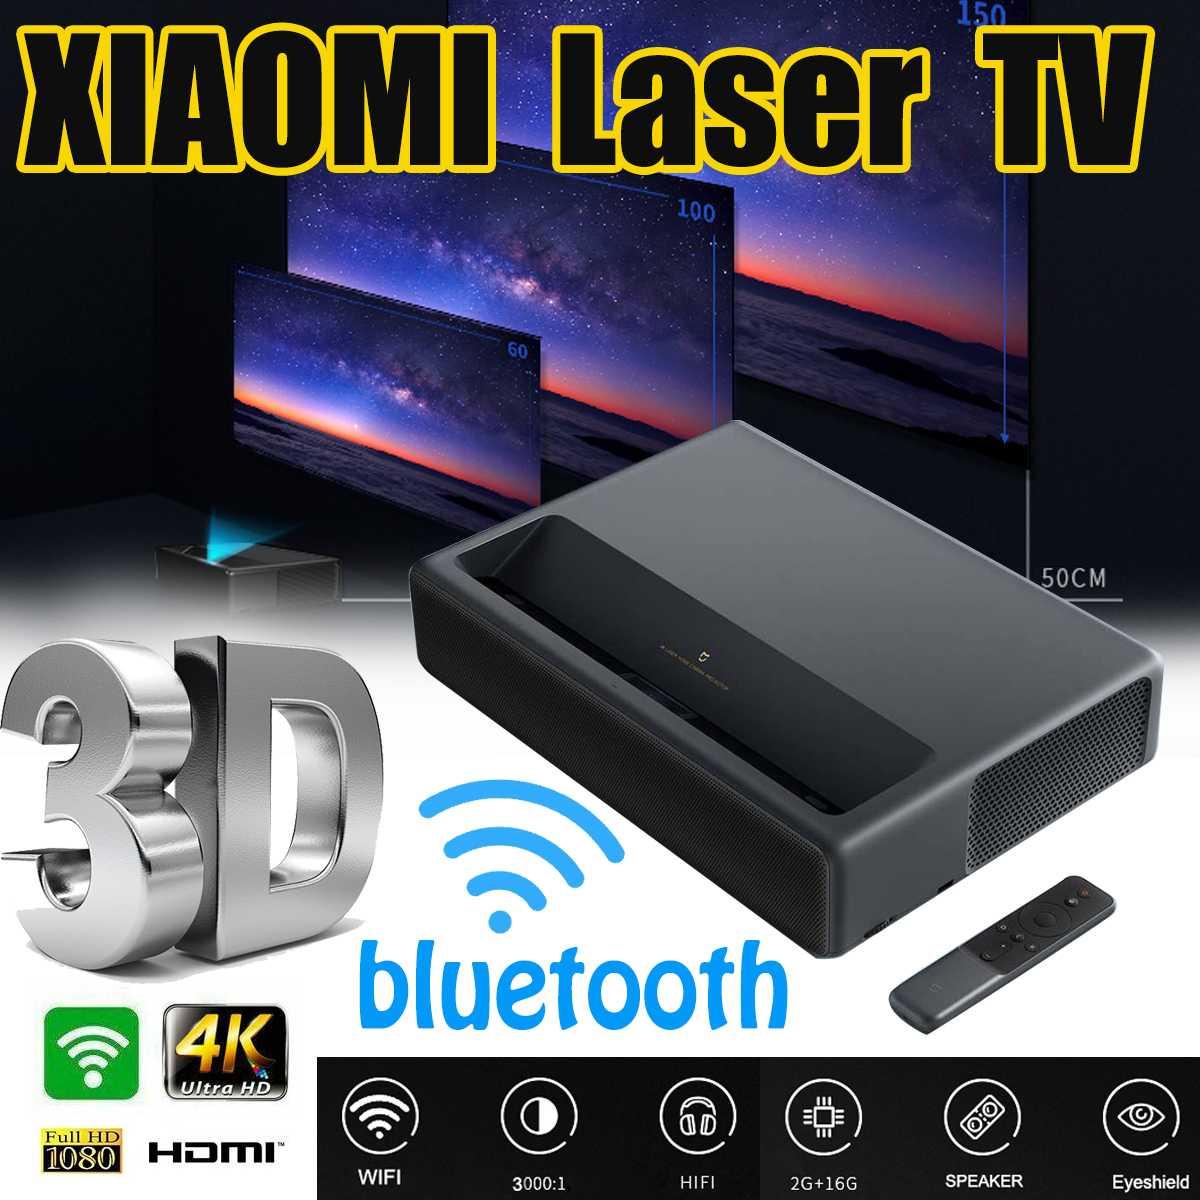 Xiaomi Mijia mjgtyds01fm 2GB 16GB MIUI TV Laser HDR TV 4K bluetooth WiFi 3D système de cinéma maison Version chinoise